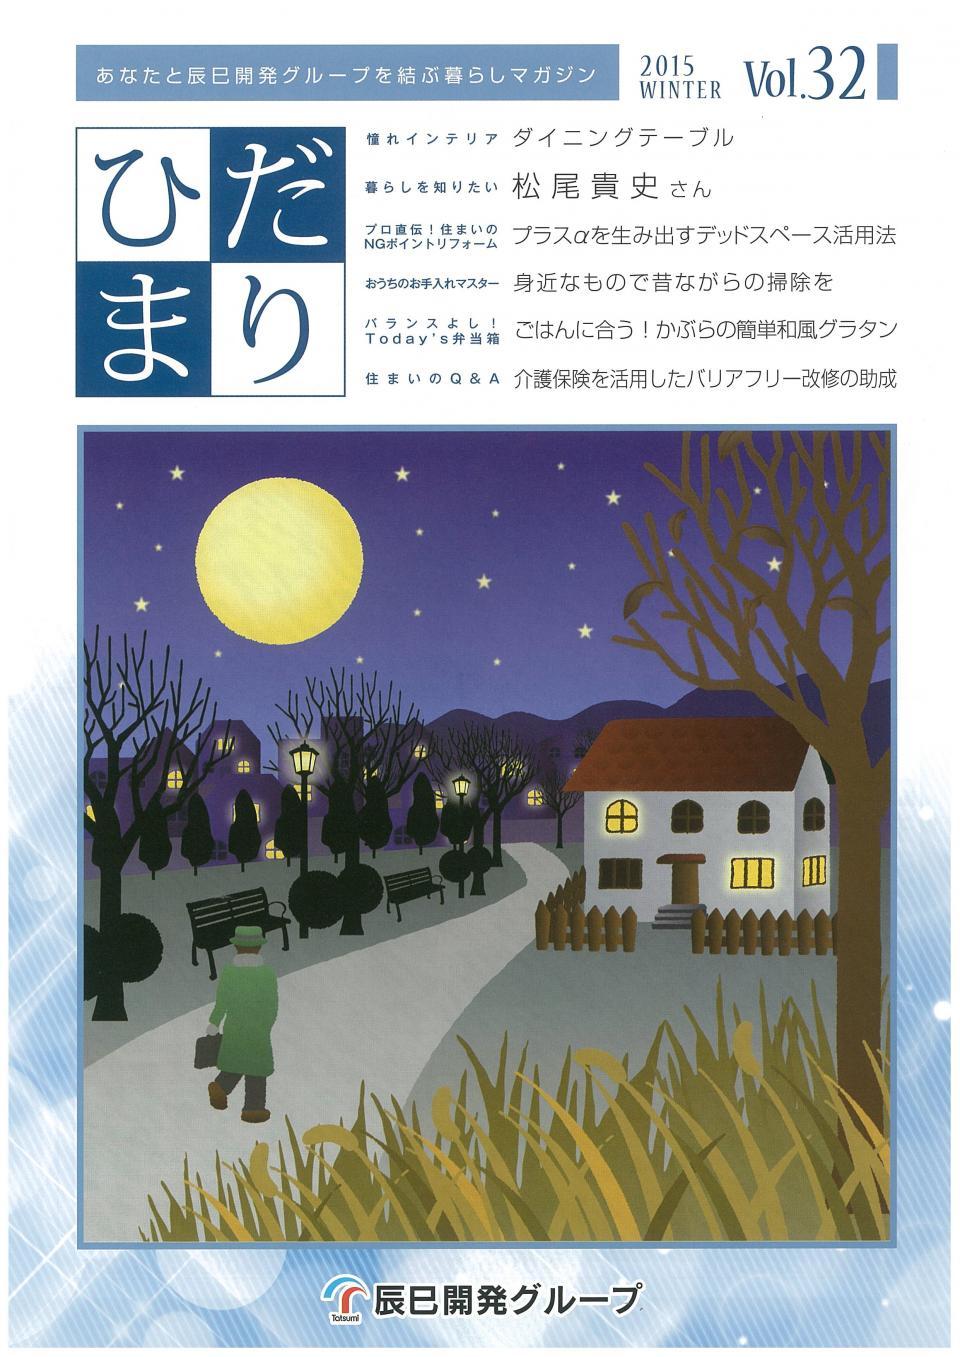 ひだまり 2015 Winter vol.32